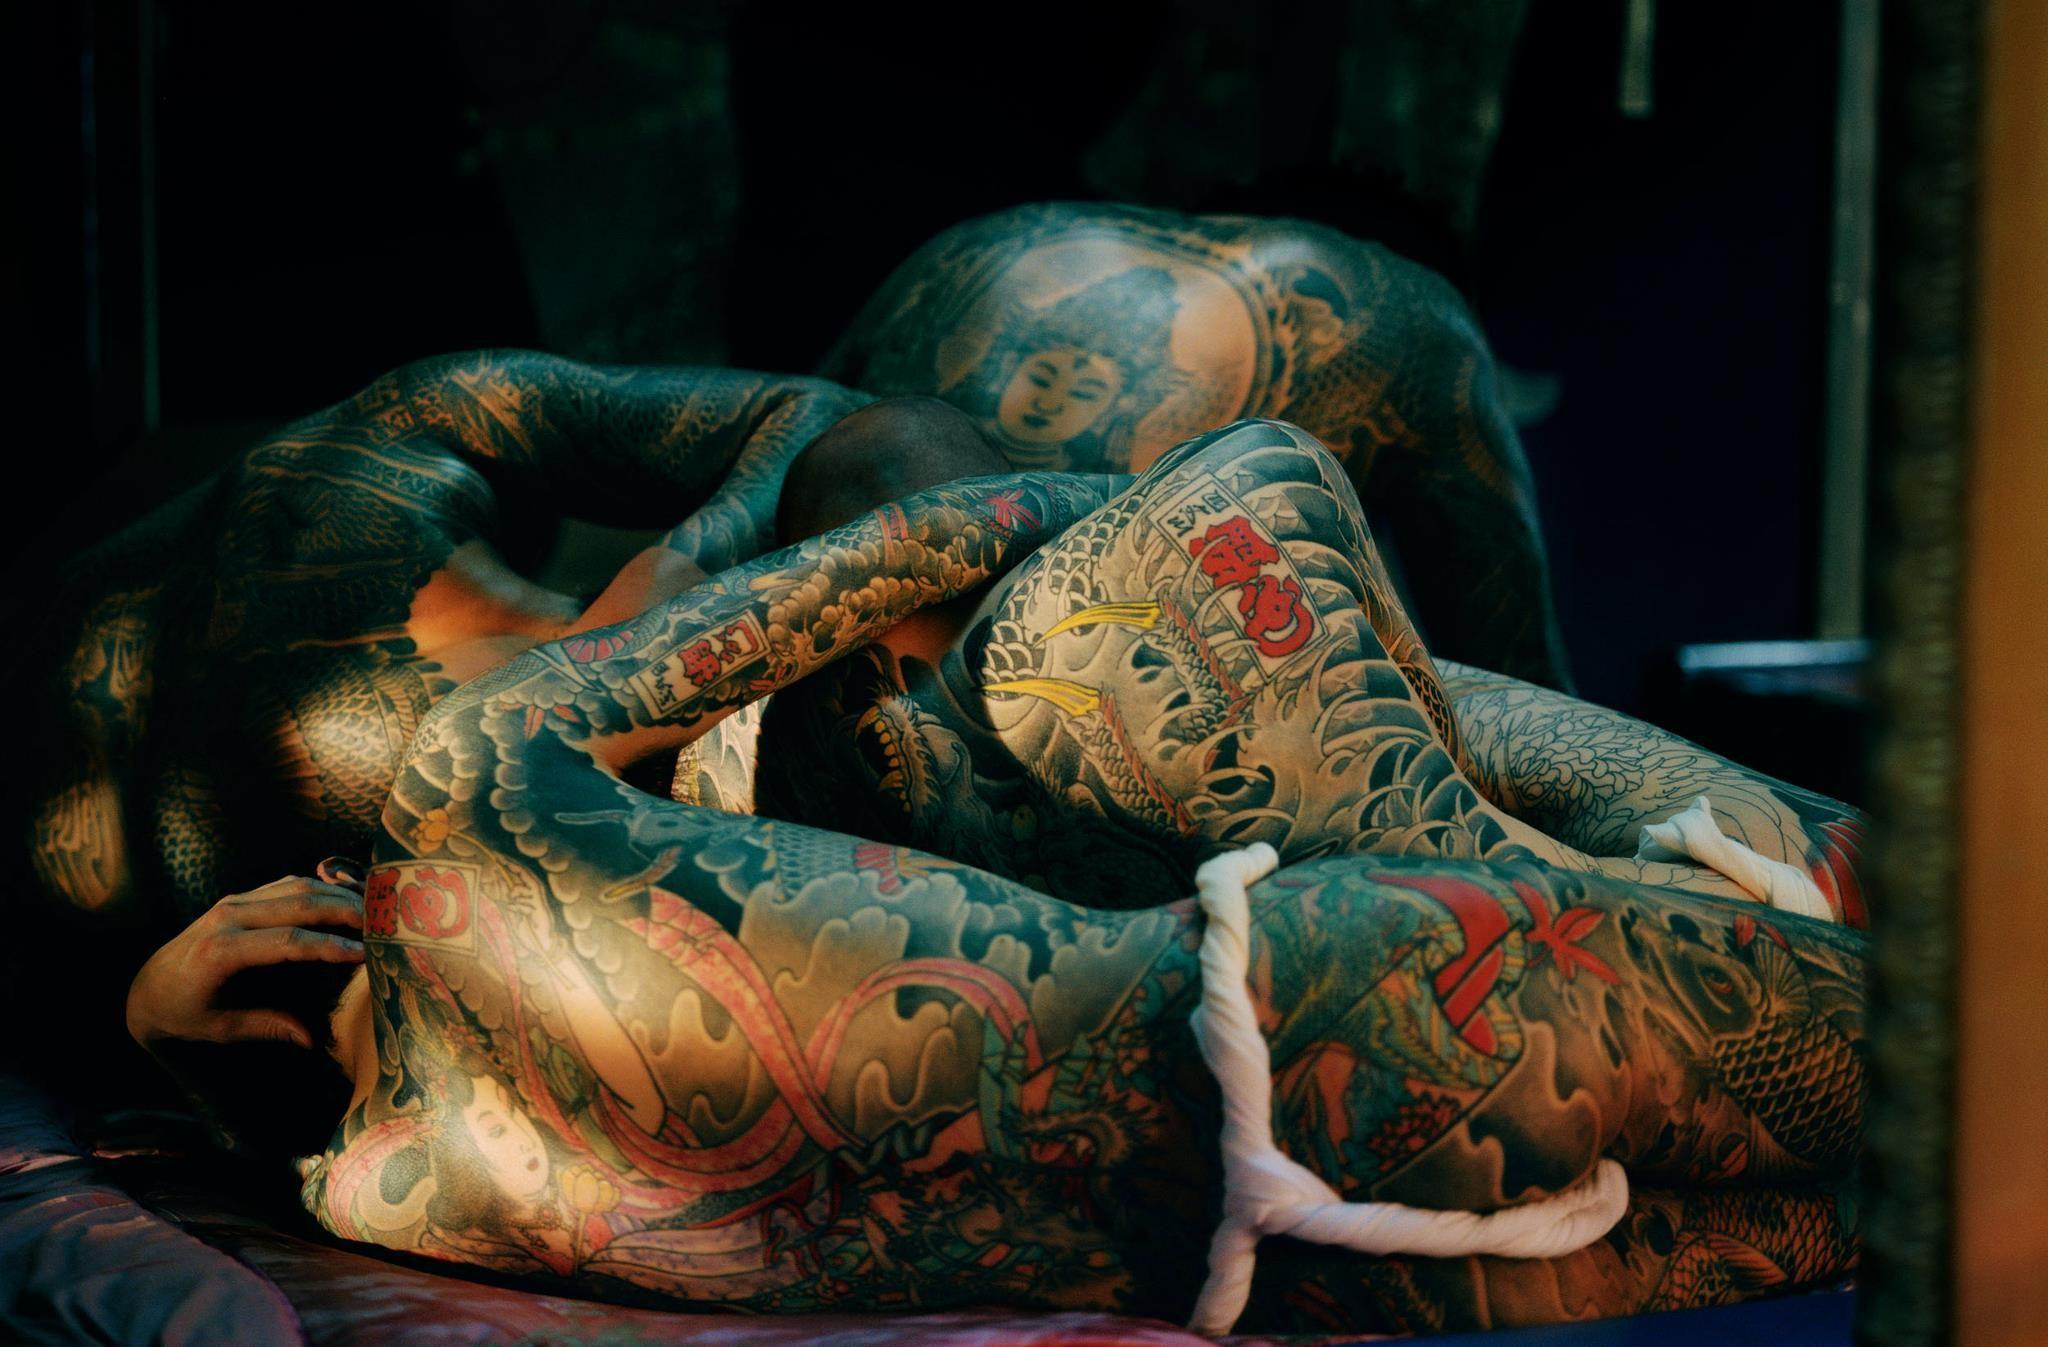 Body art tattoo